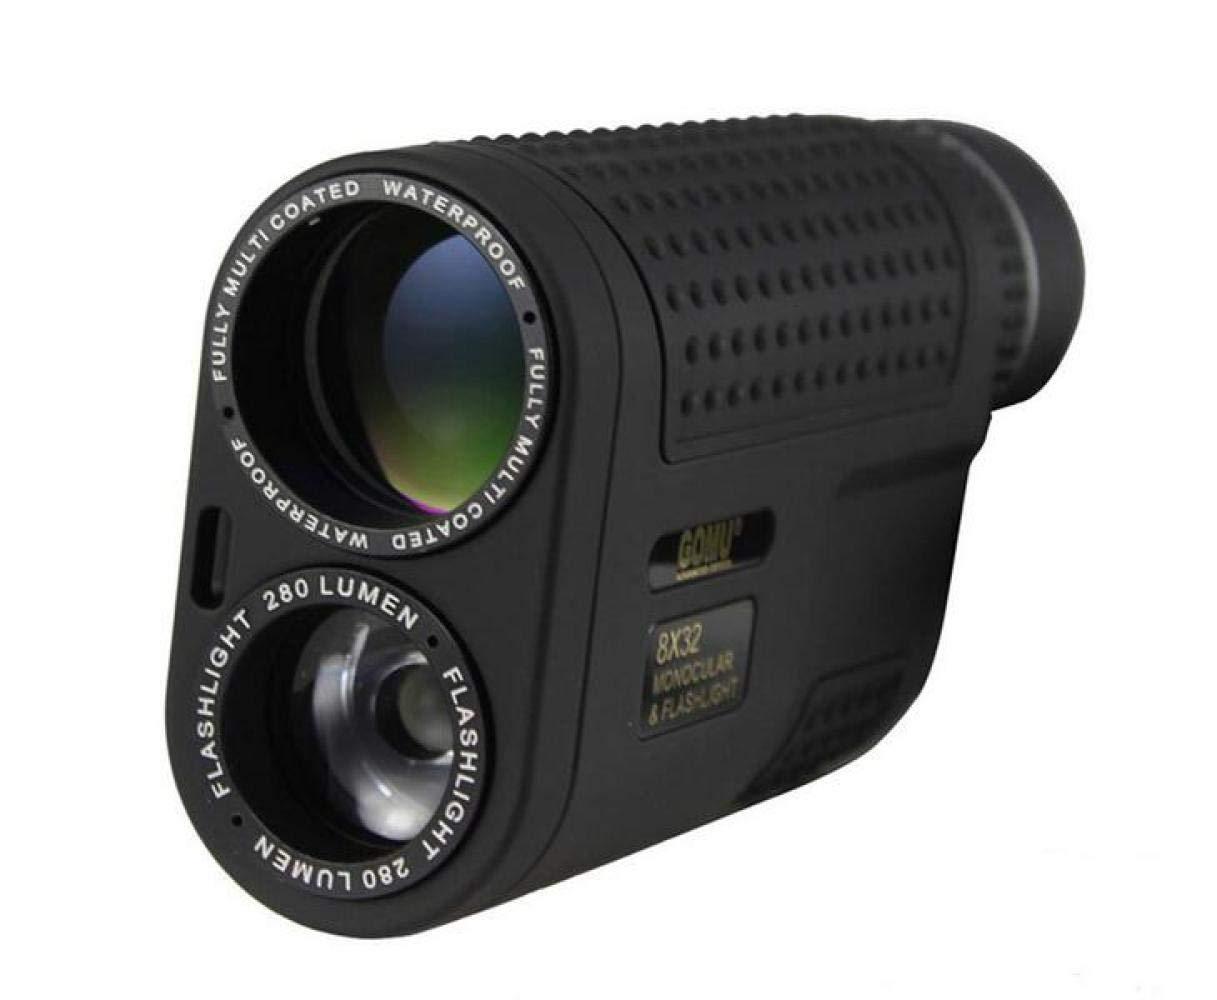 CTO Multifunktionsteleskop Einzelrohr Hd 8X32 Mit Taschenlampe Nachtsichtgerät Zwei Benutzer Außerhalb des Tragbaren Kletterns,A,Fernrohr